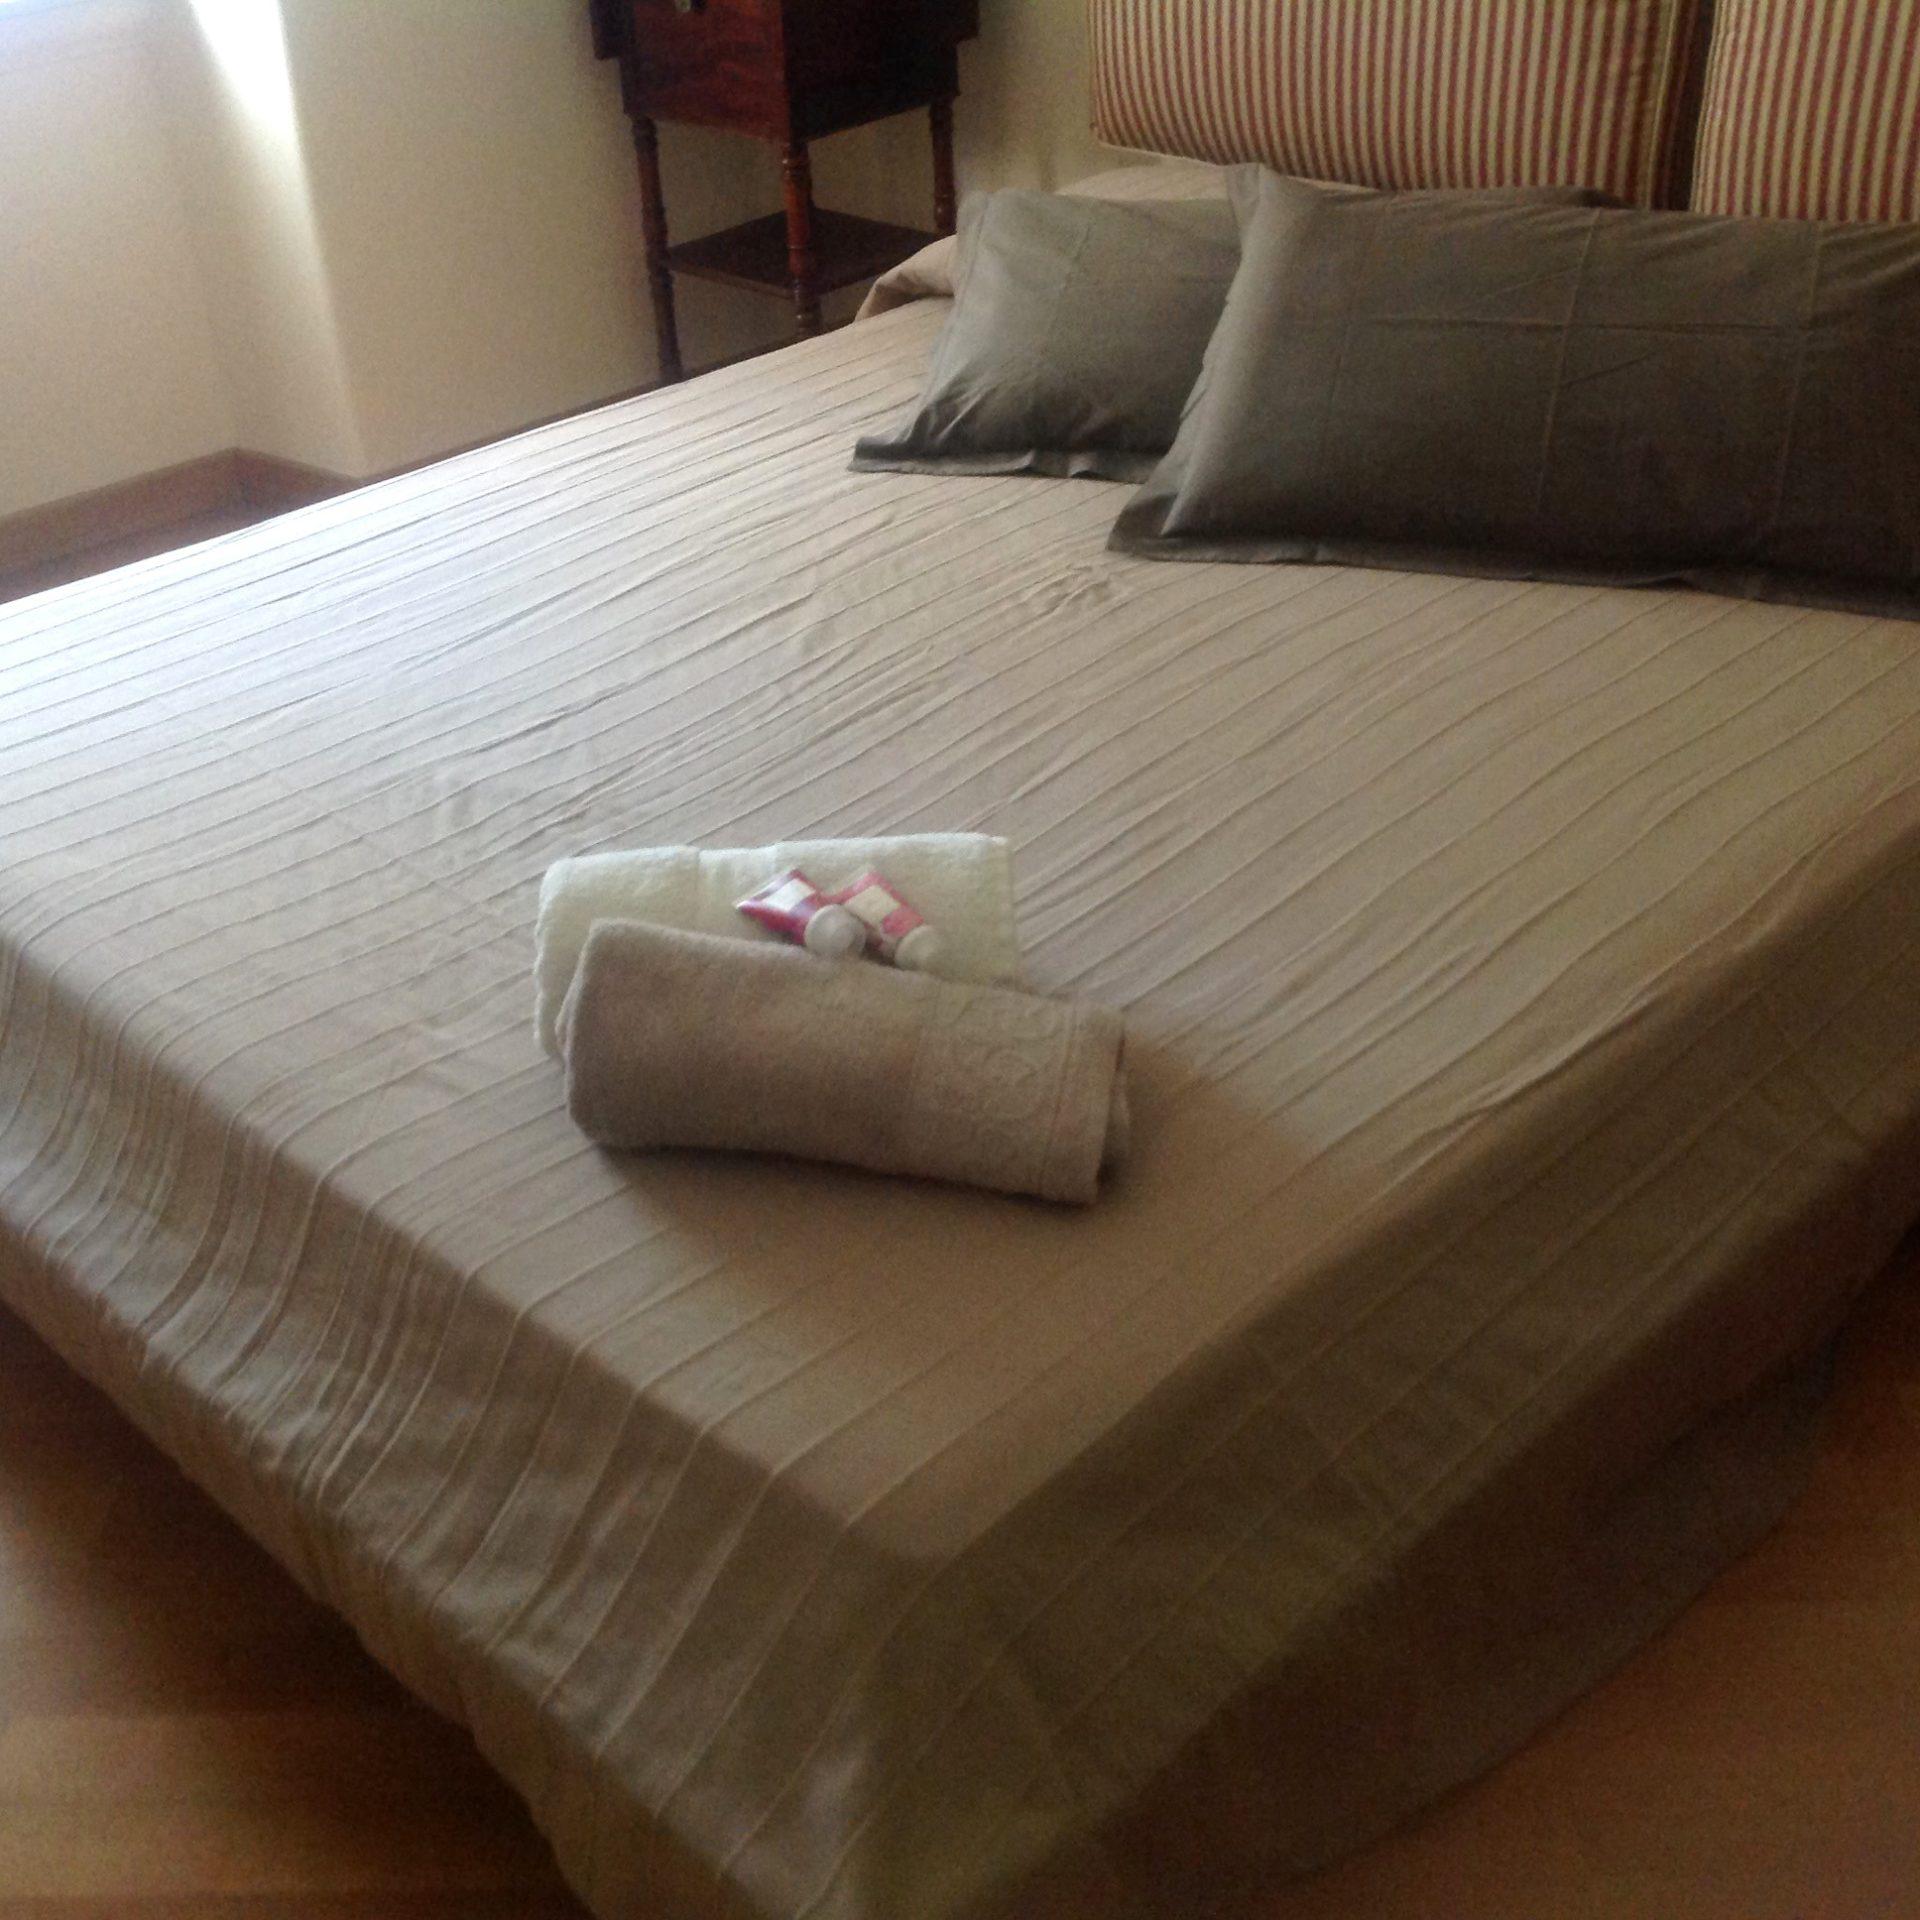 Appartamento per vacanze a Milano, Le stanze di Alice, camera